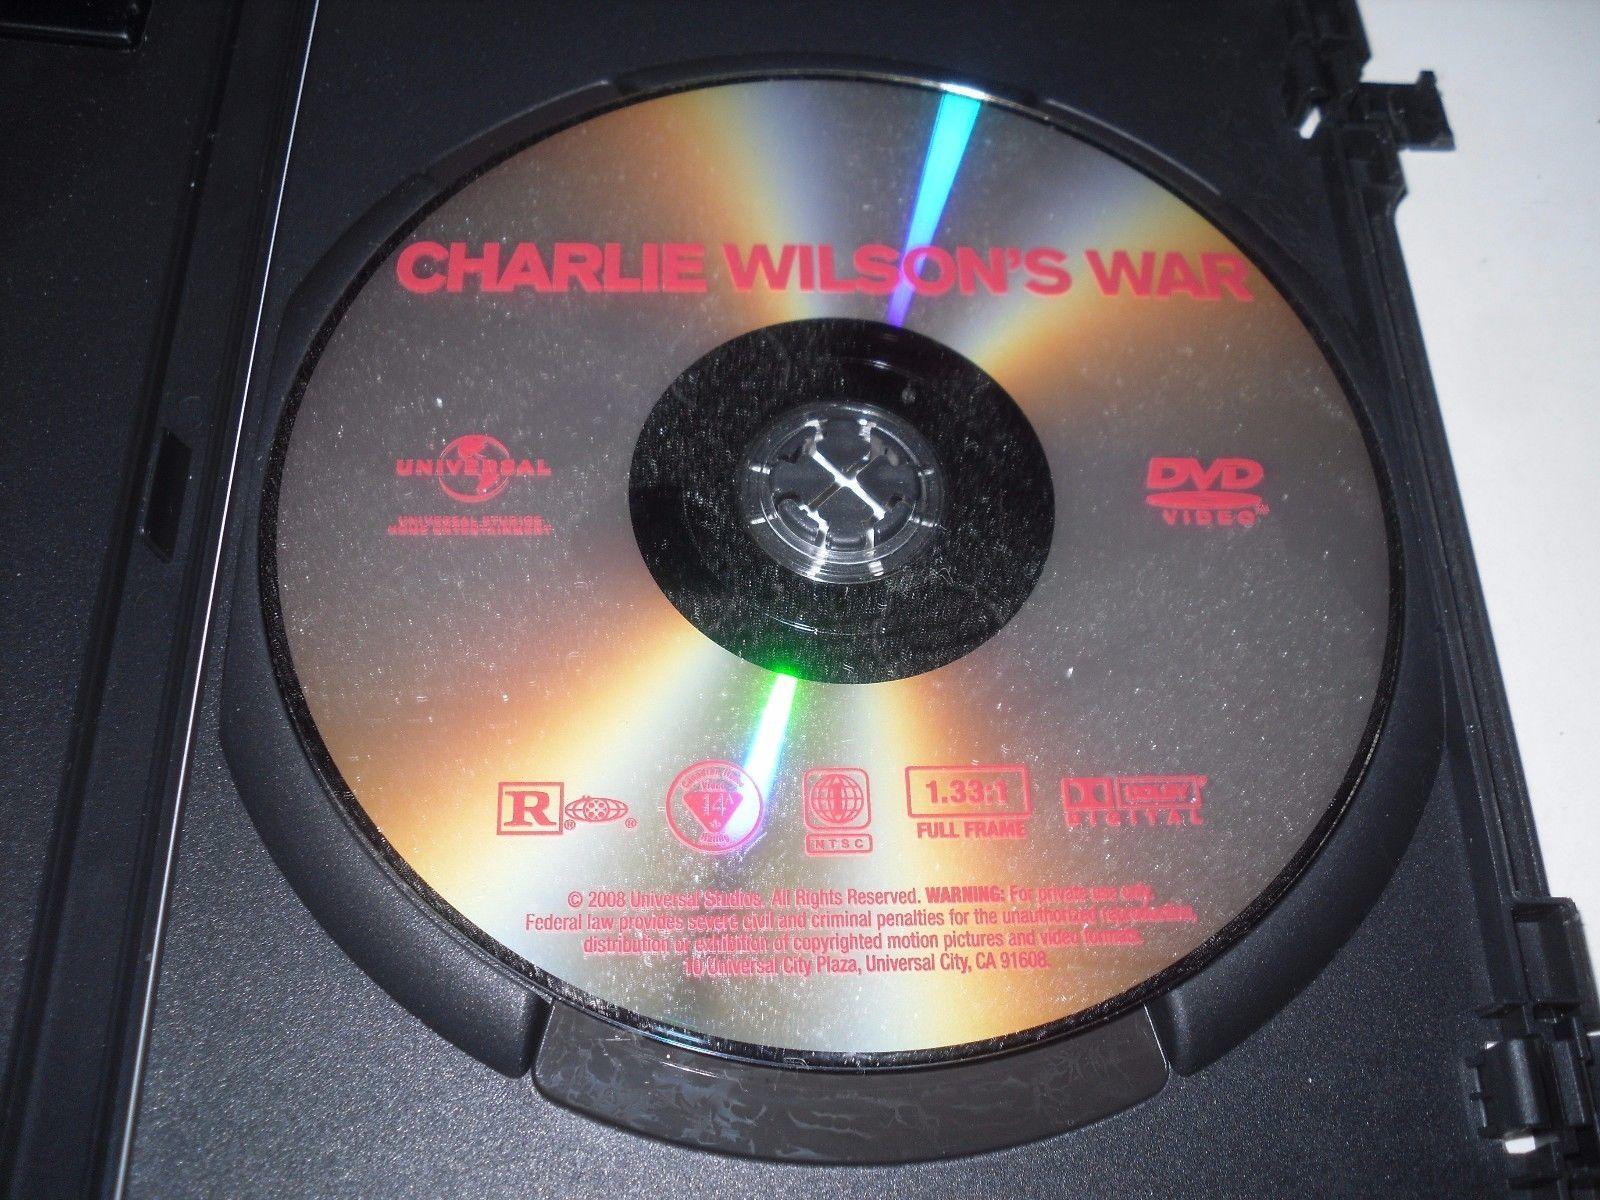 Charlie Wilson's War (DVD, 2008, Full Frame) Philip Seymour Hoffman, Tom Hanks